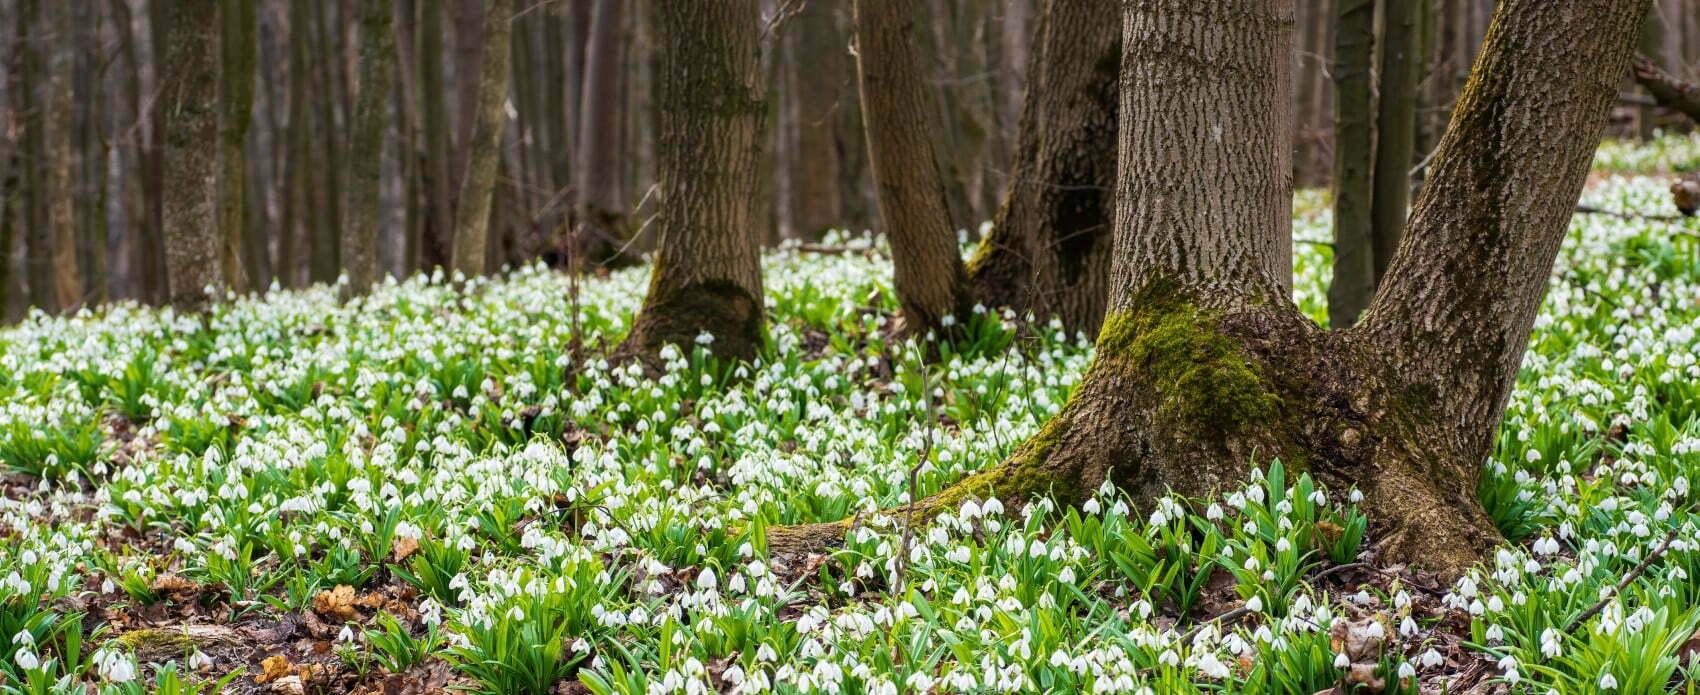 Spring arriving